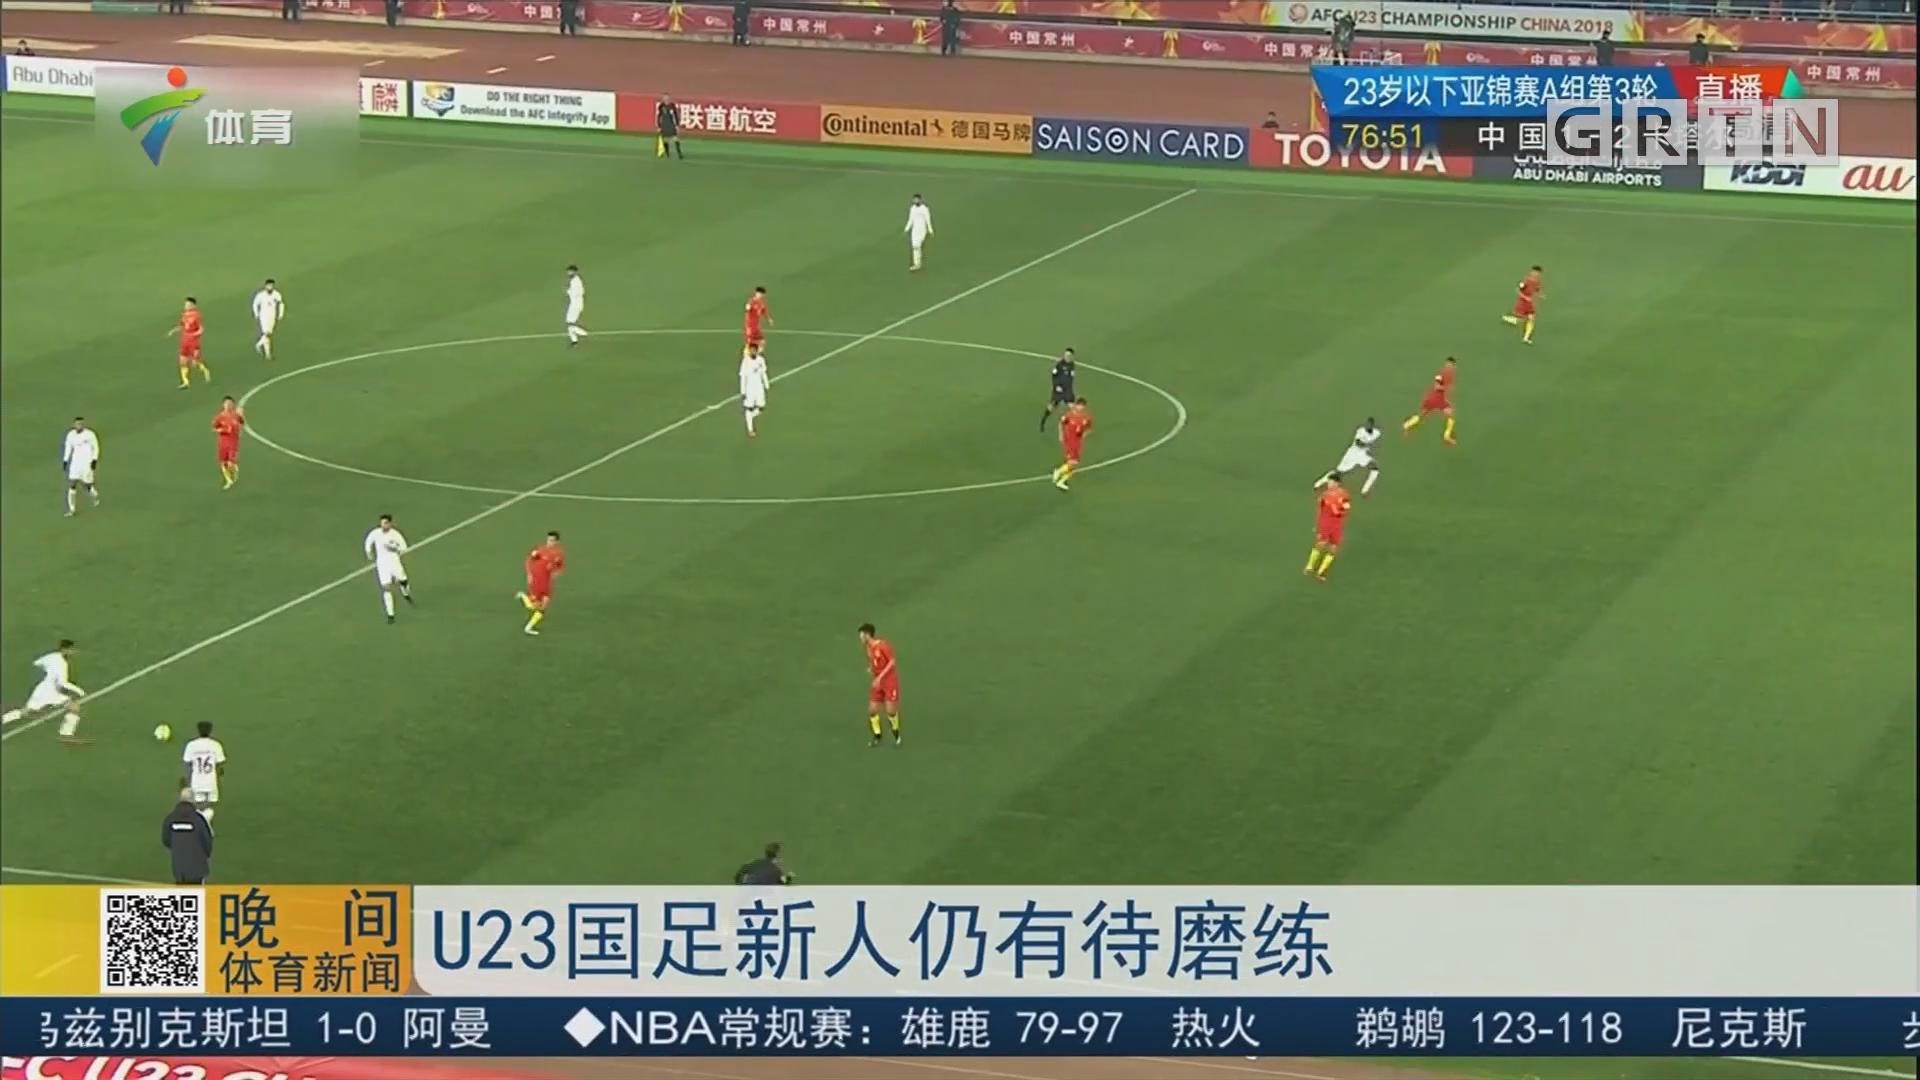 U23国足新人仍有待磨练